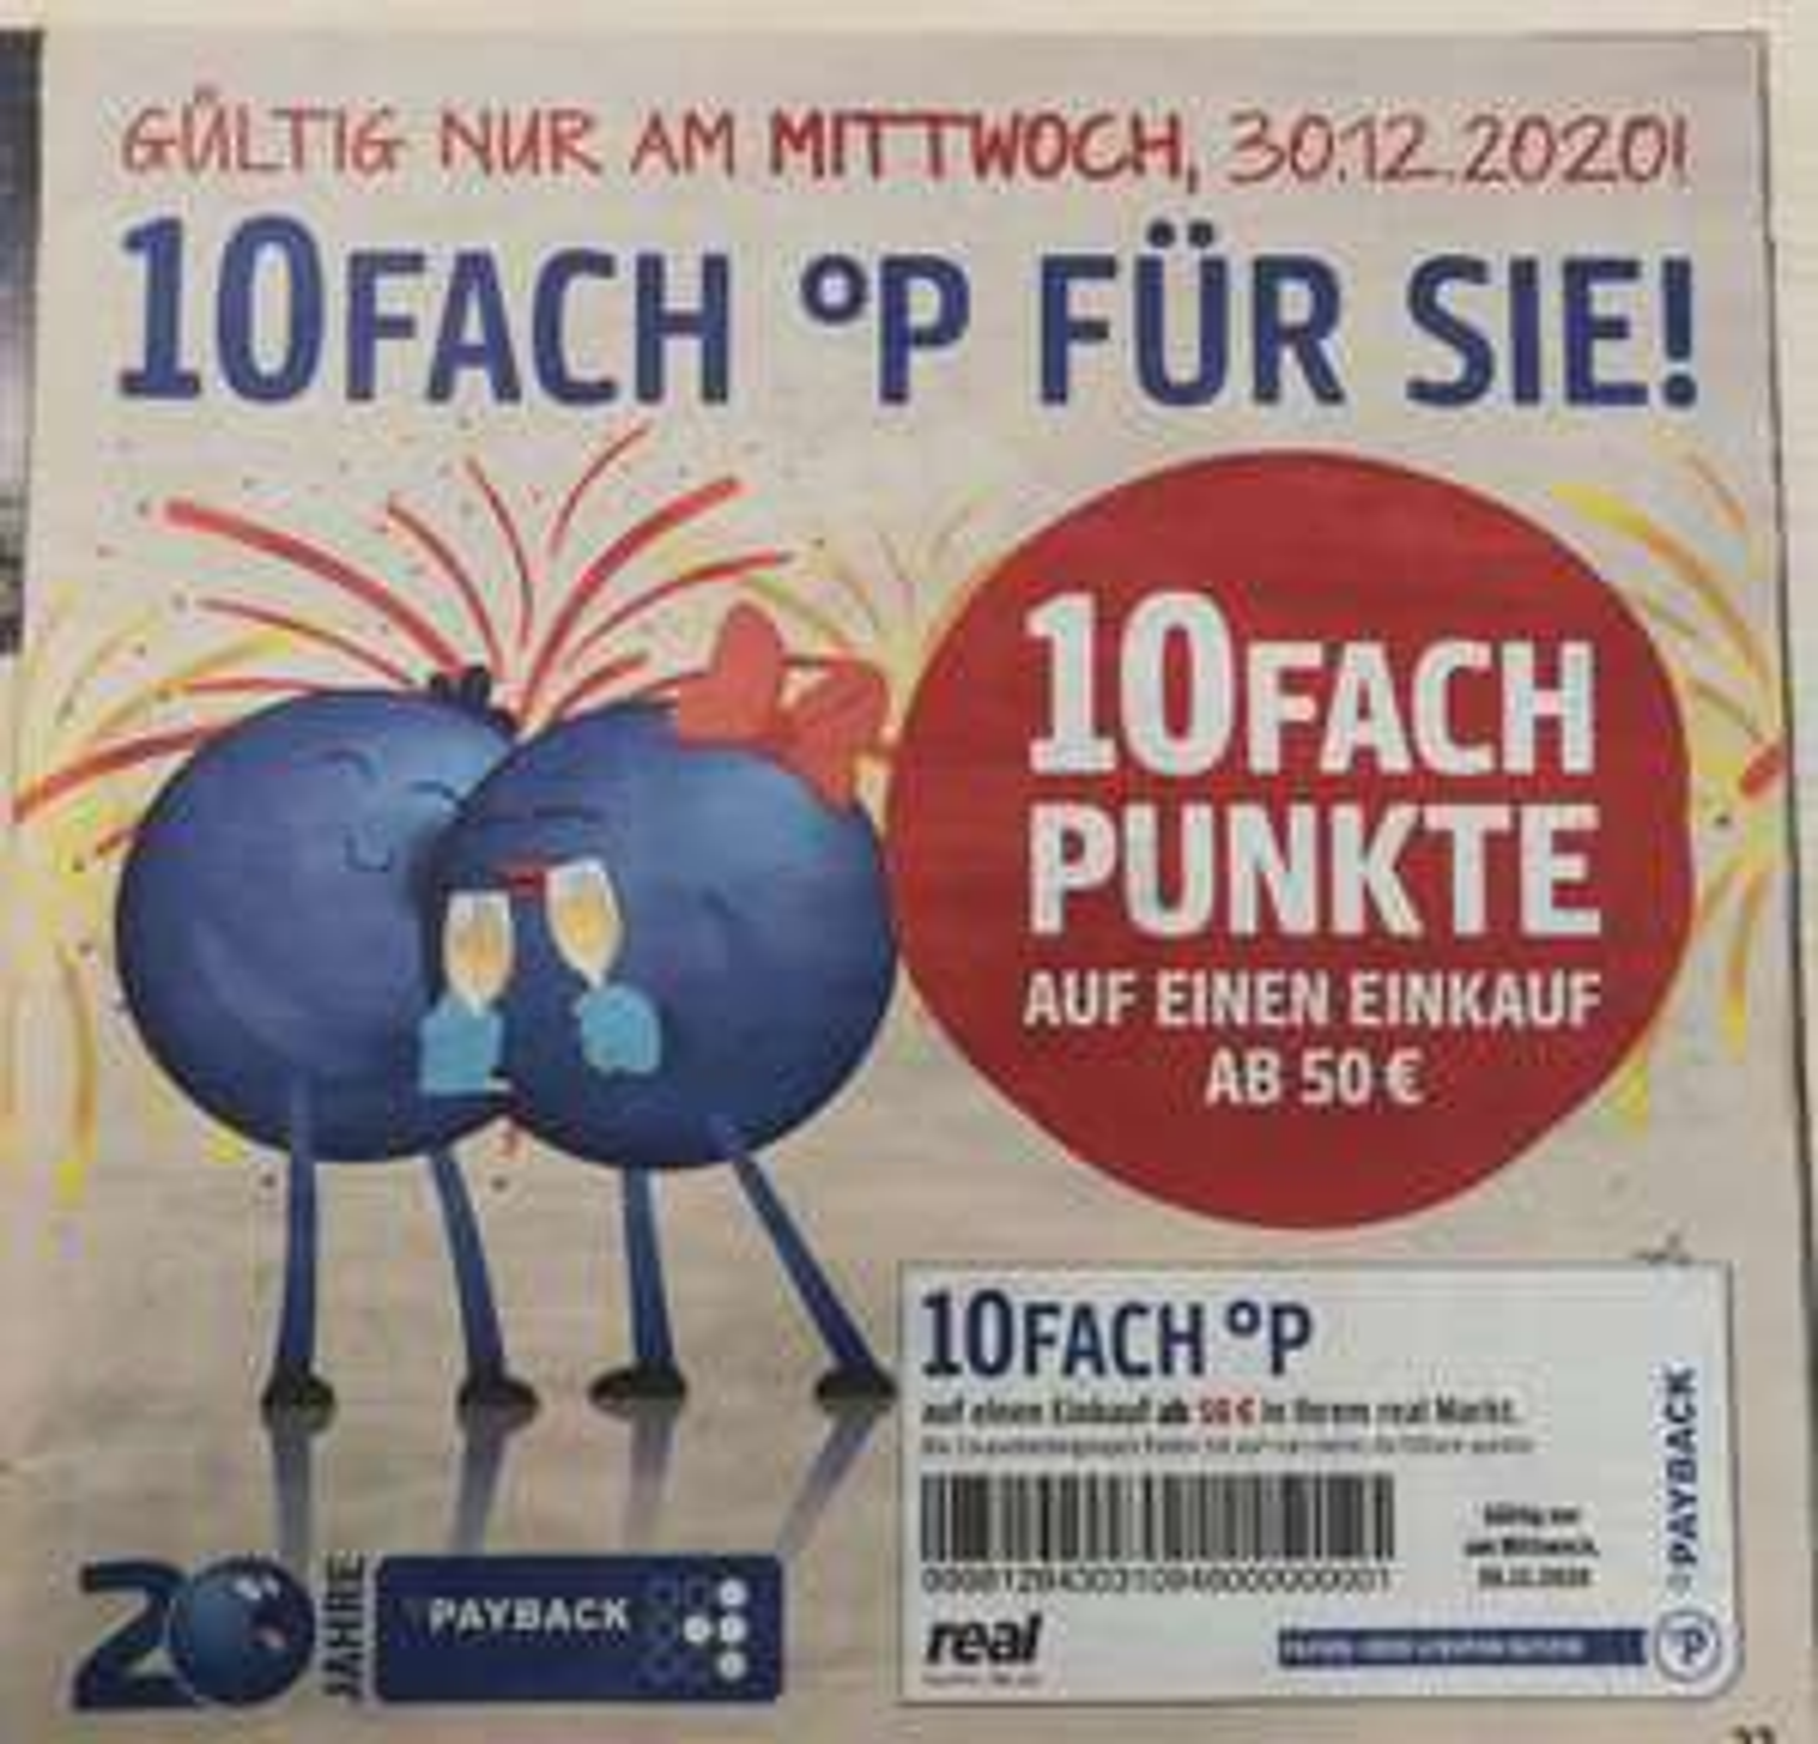 Real - 10fach PayBack-Punkte ab 50 Euro Einkauf